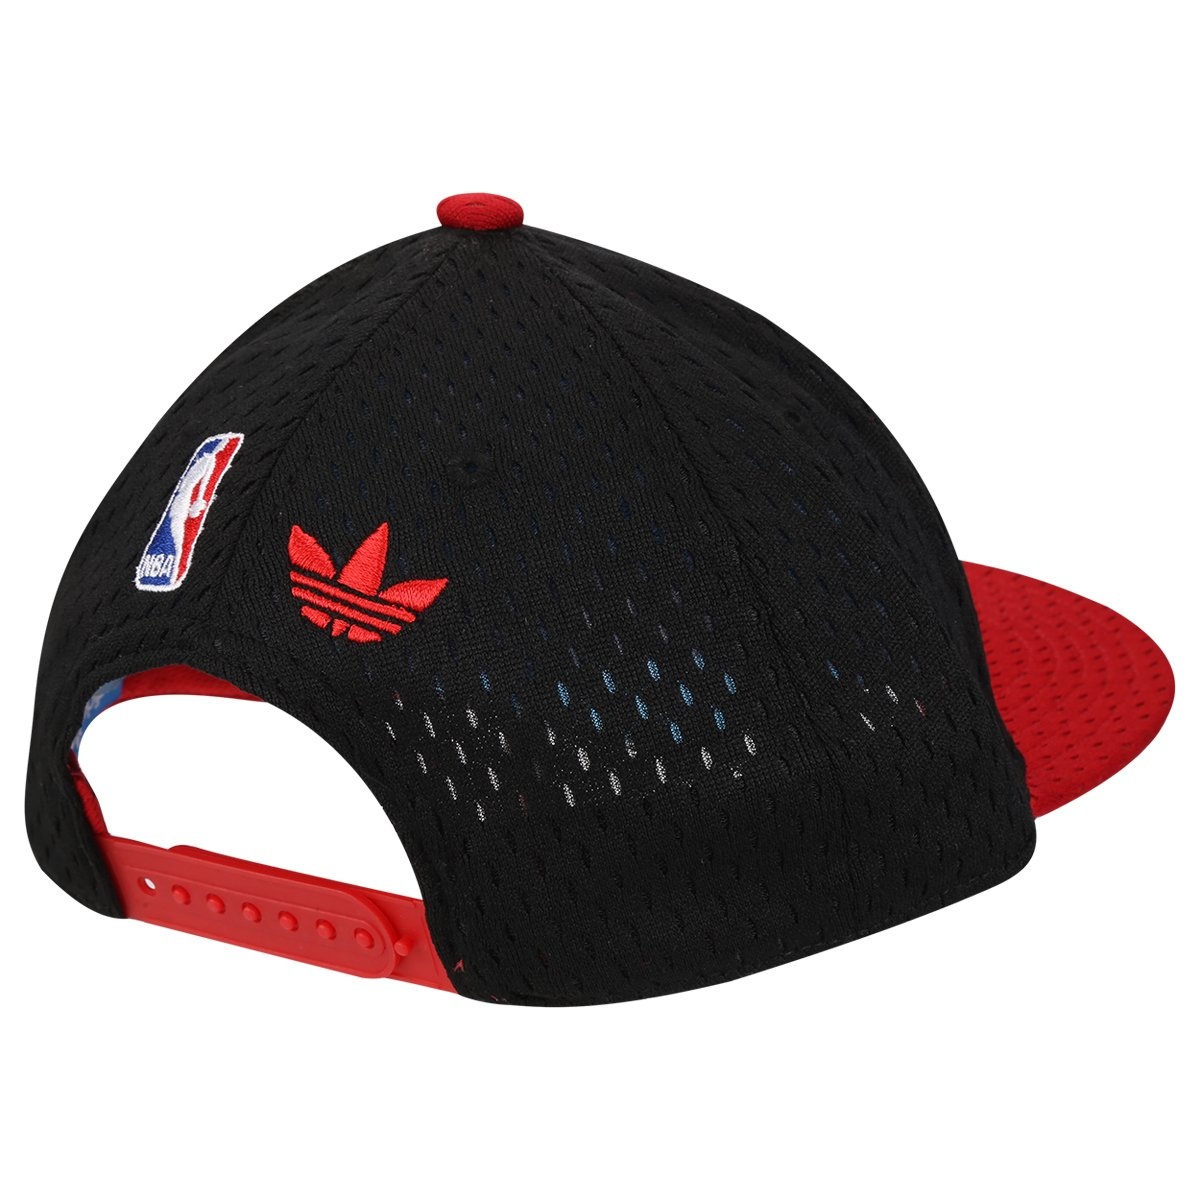 Boné Adidas Originals NBA Mesh Bulls - Preto e Vermelho - Compre ... 1f347e4acb51c